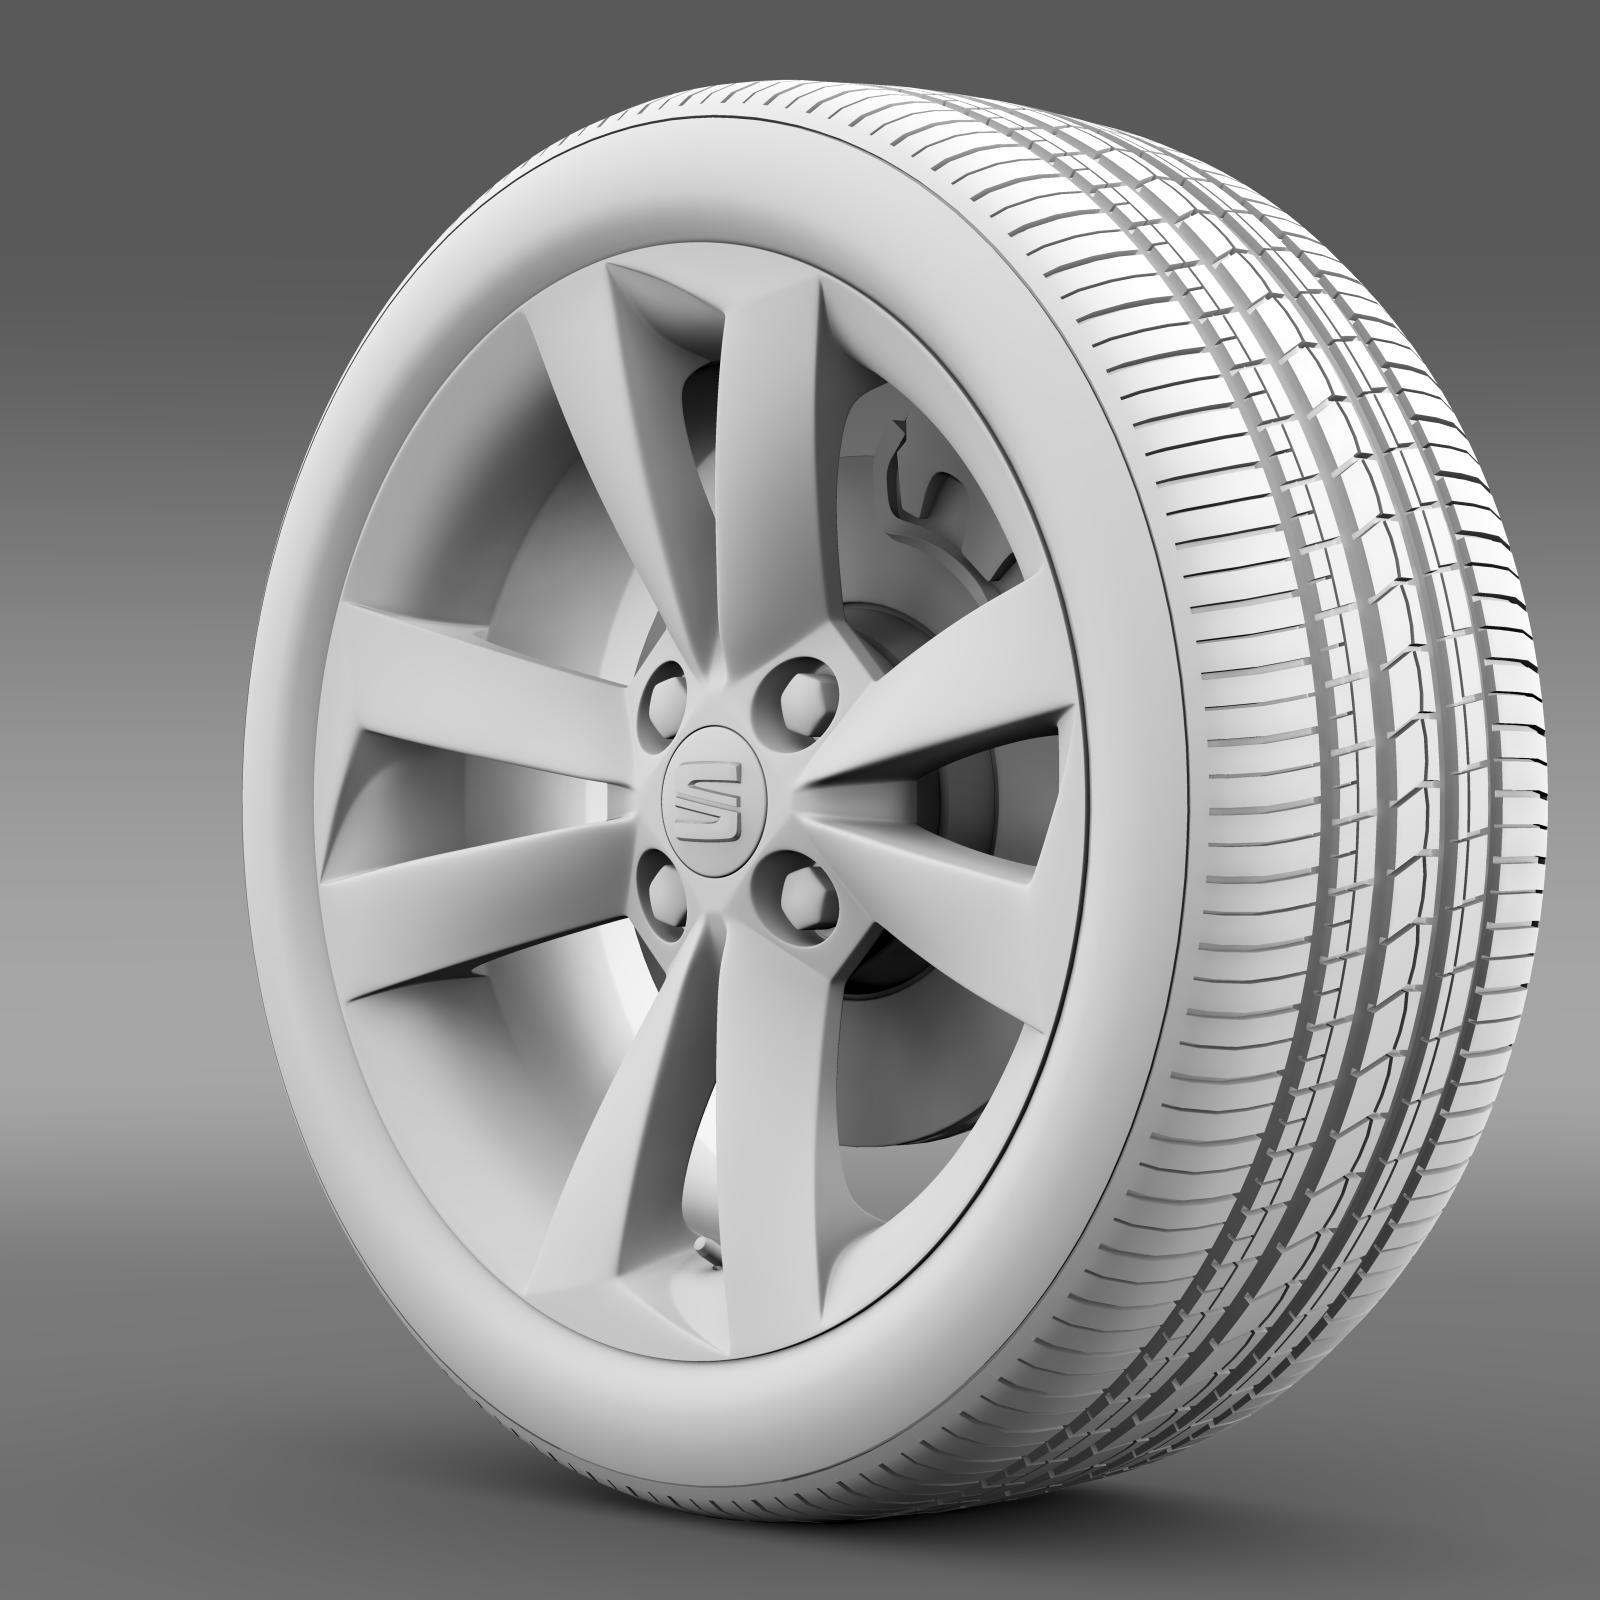 seat mii vibora negra wheel 3d model 3ds max fbx c4d lwo ma mb hrc xsi obj 210848